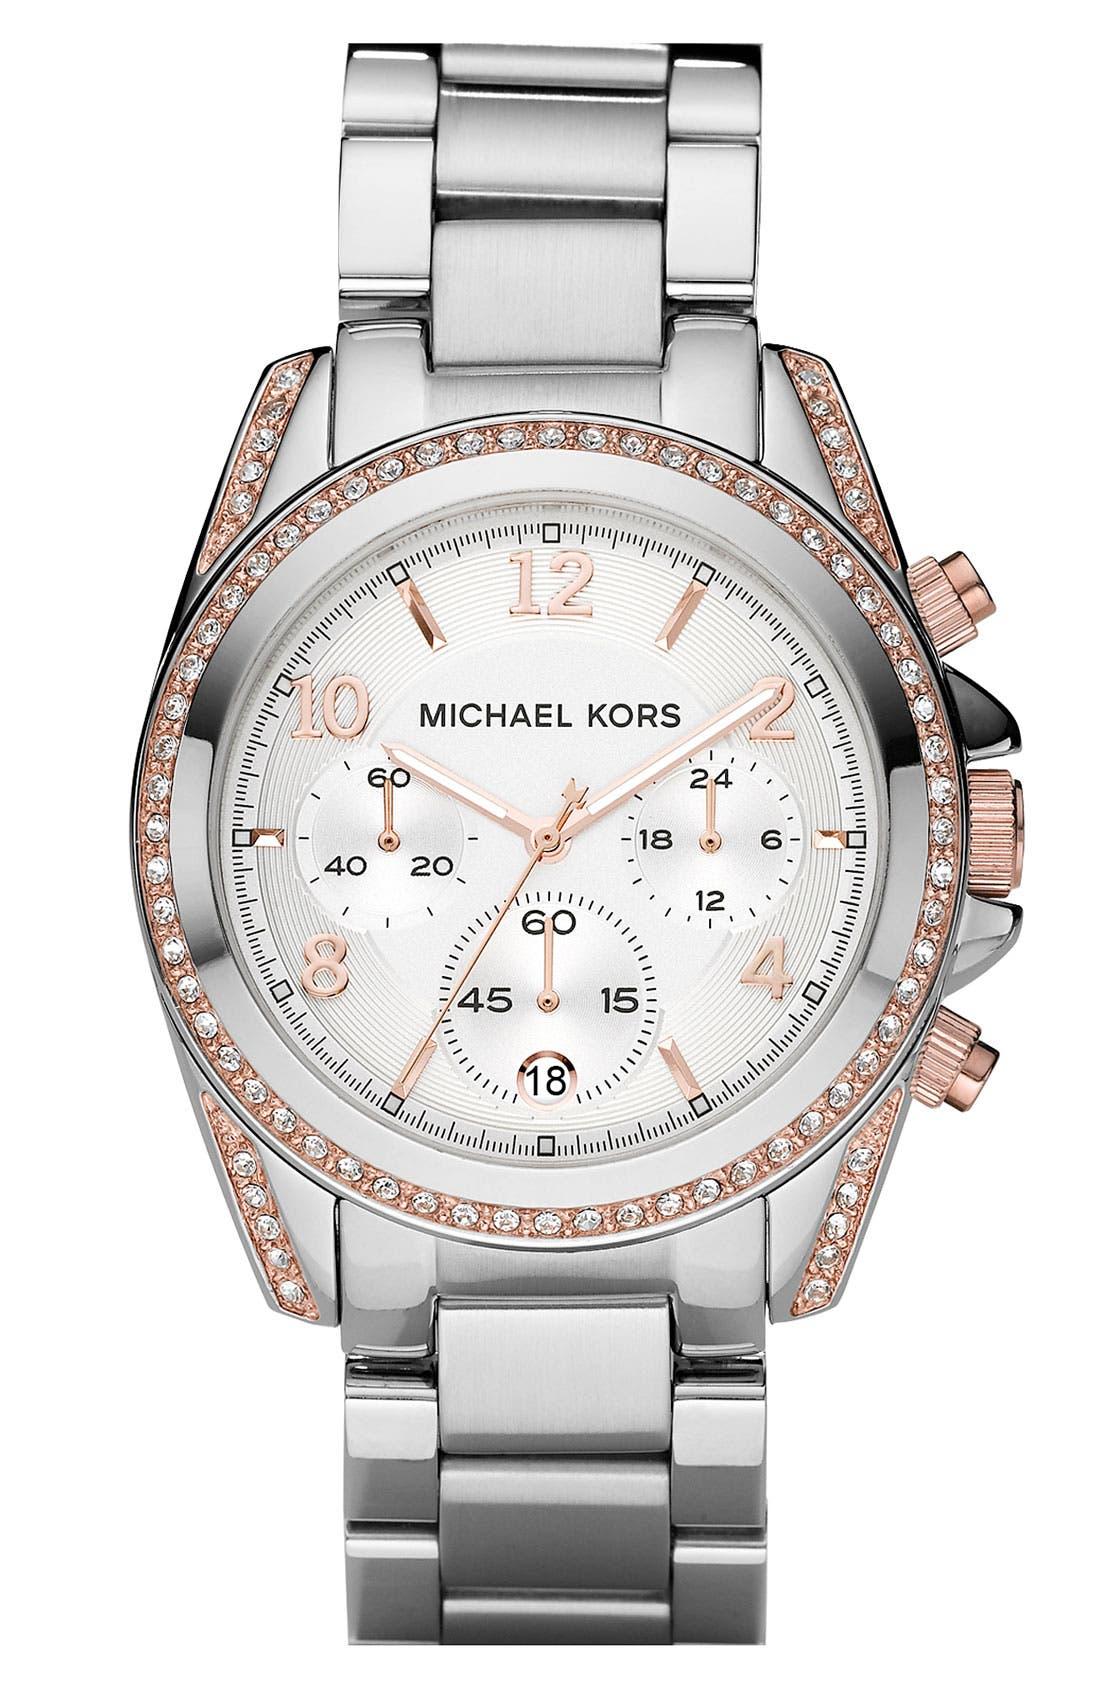 Main Image - Michael Kors 'Blair' Crystal Chronograph Watch, 39mm